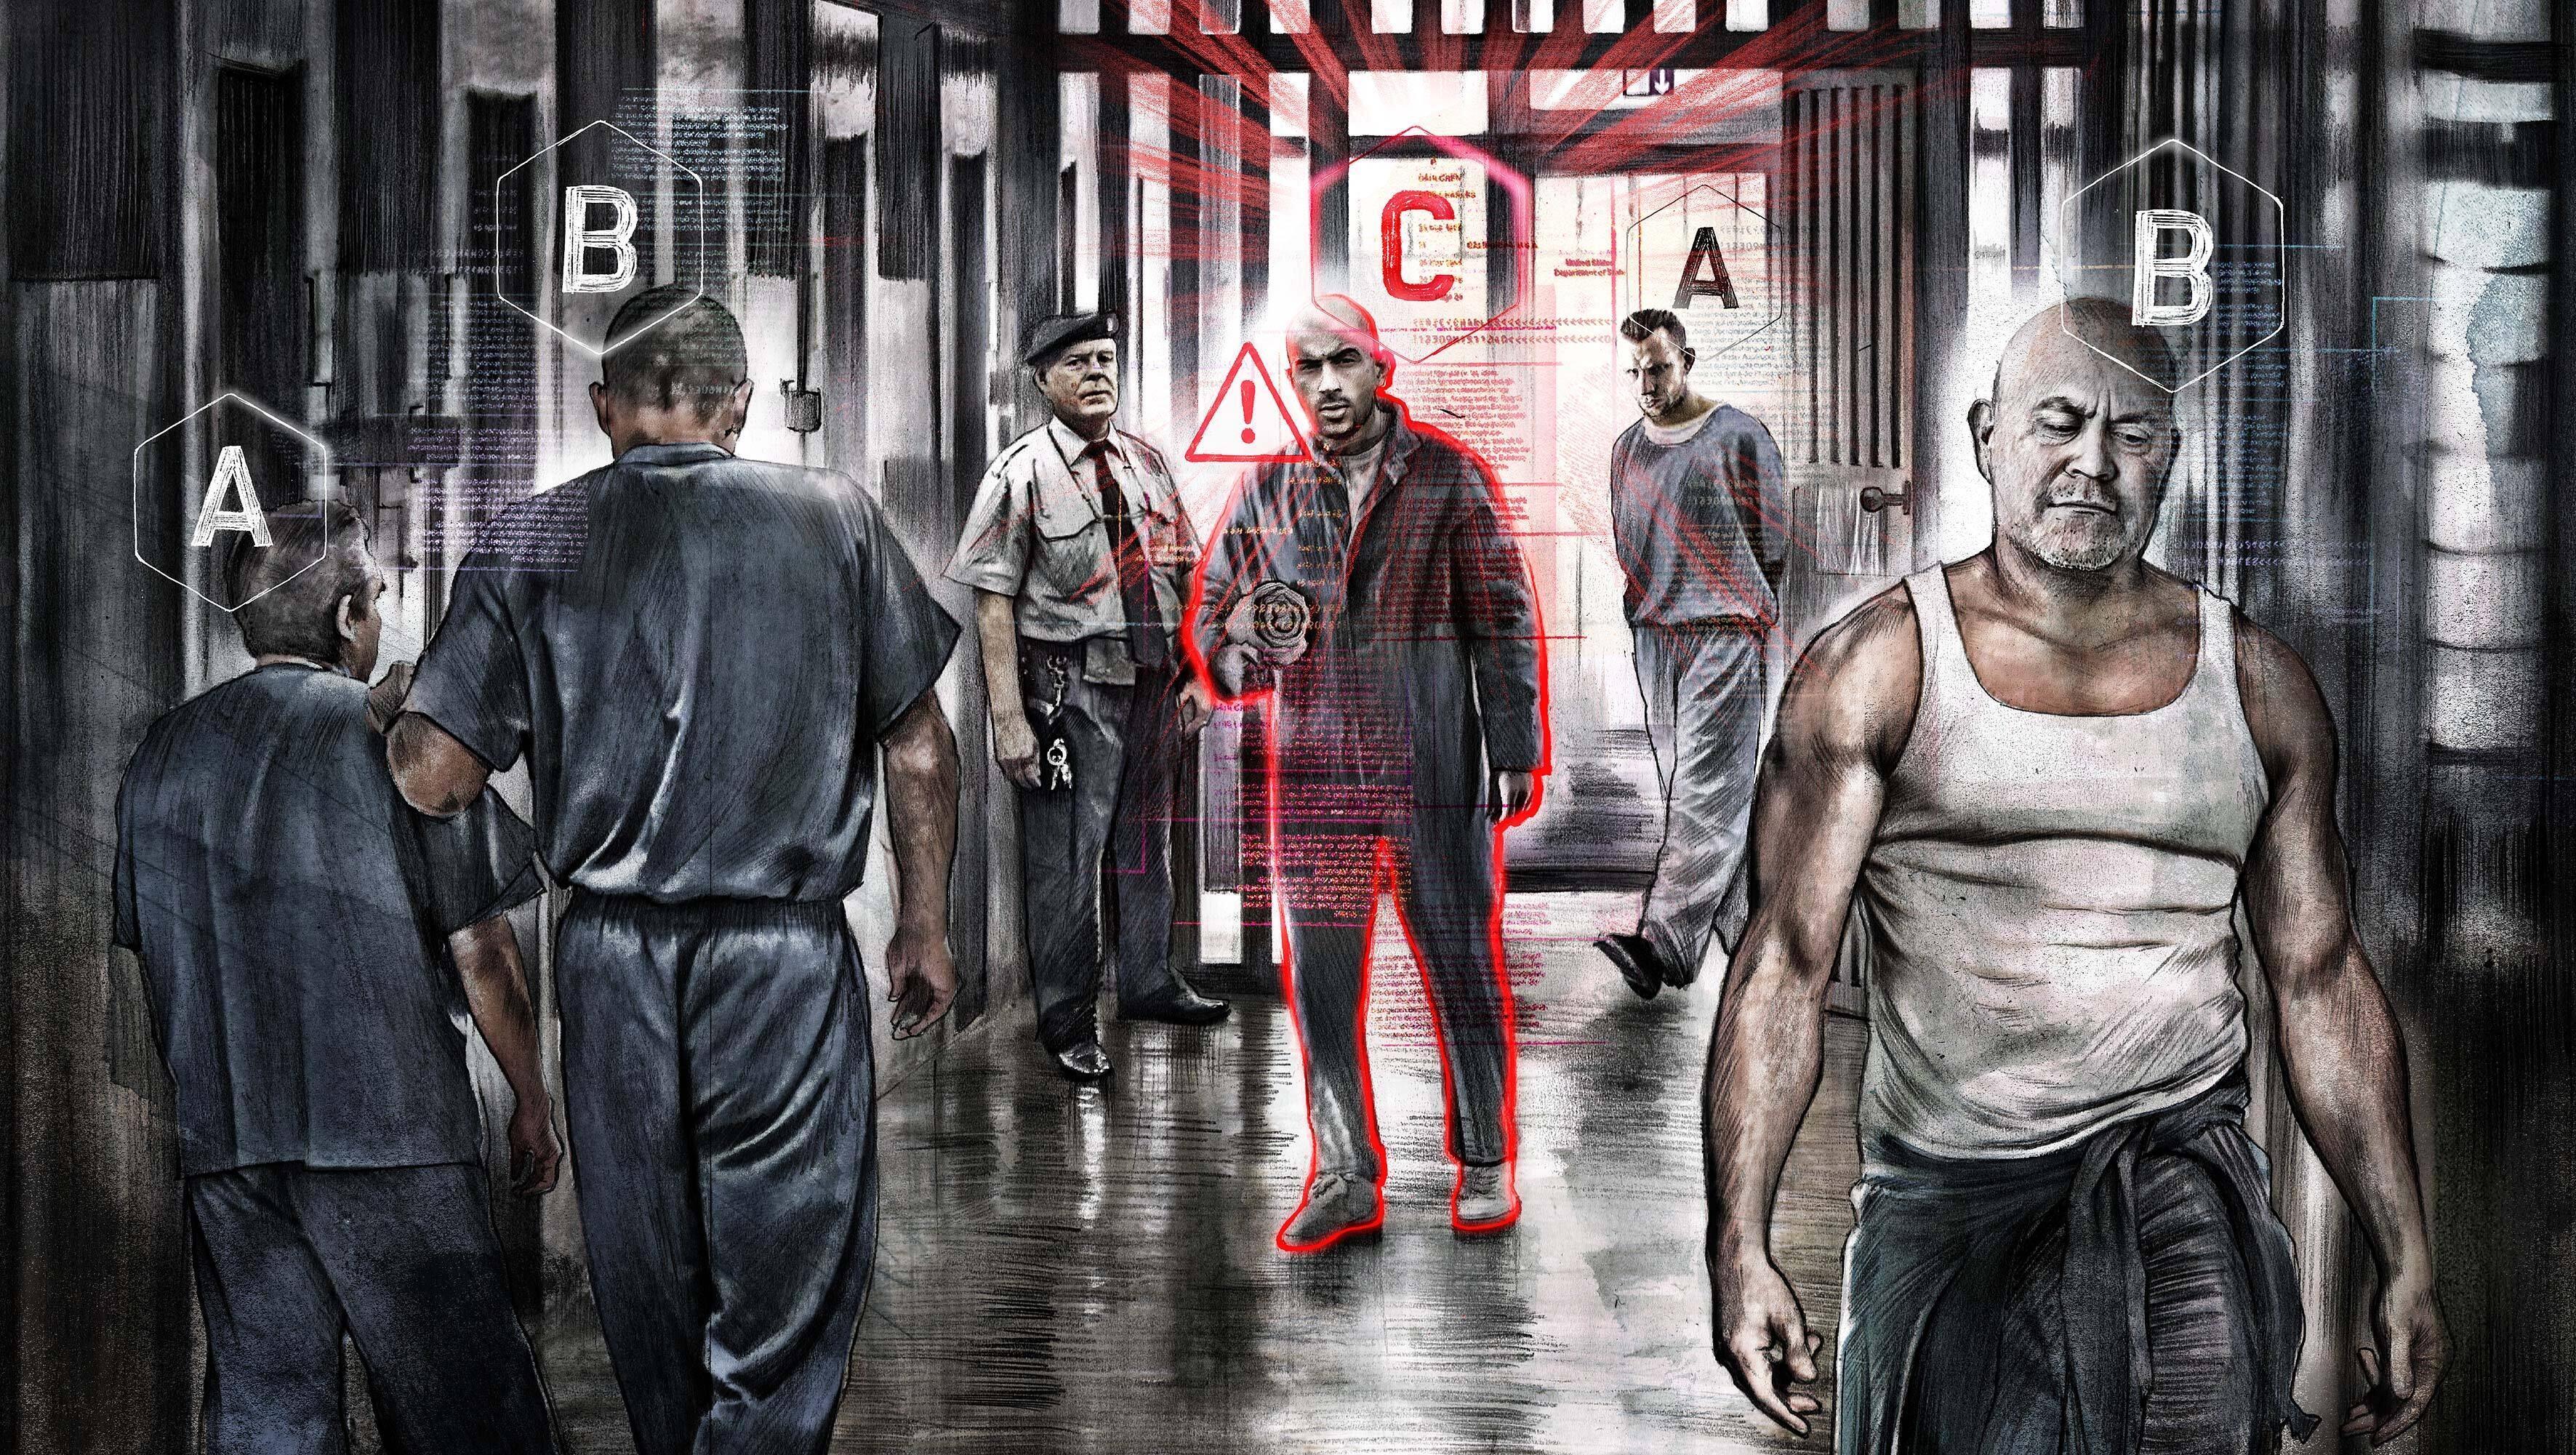 Prison scene illustration - Kornel Illustration   Kornel Stadler portfolio